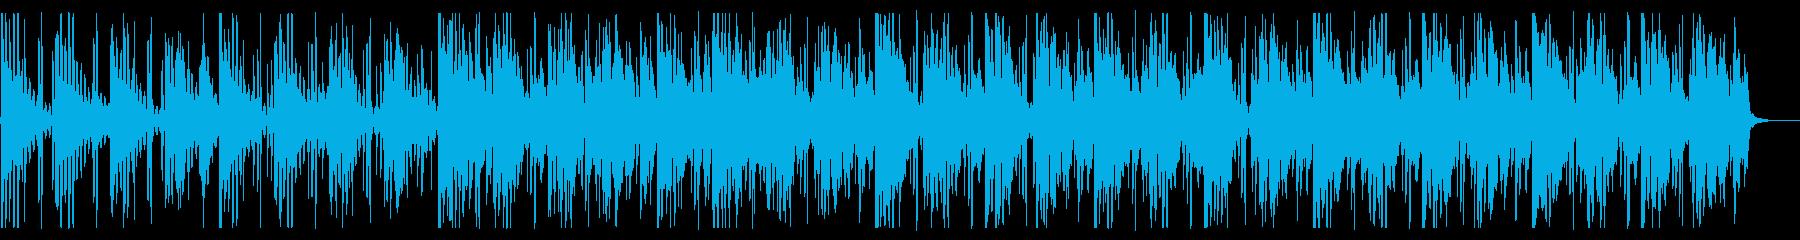 海/生演奏/R&B_No607_2の再生済みの波形